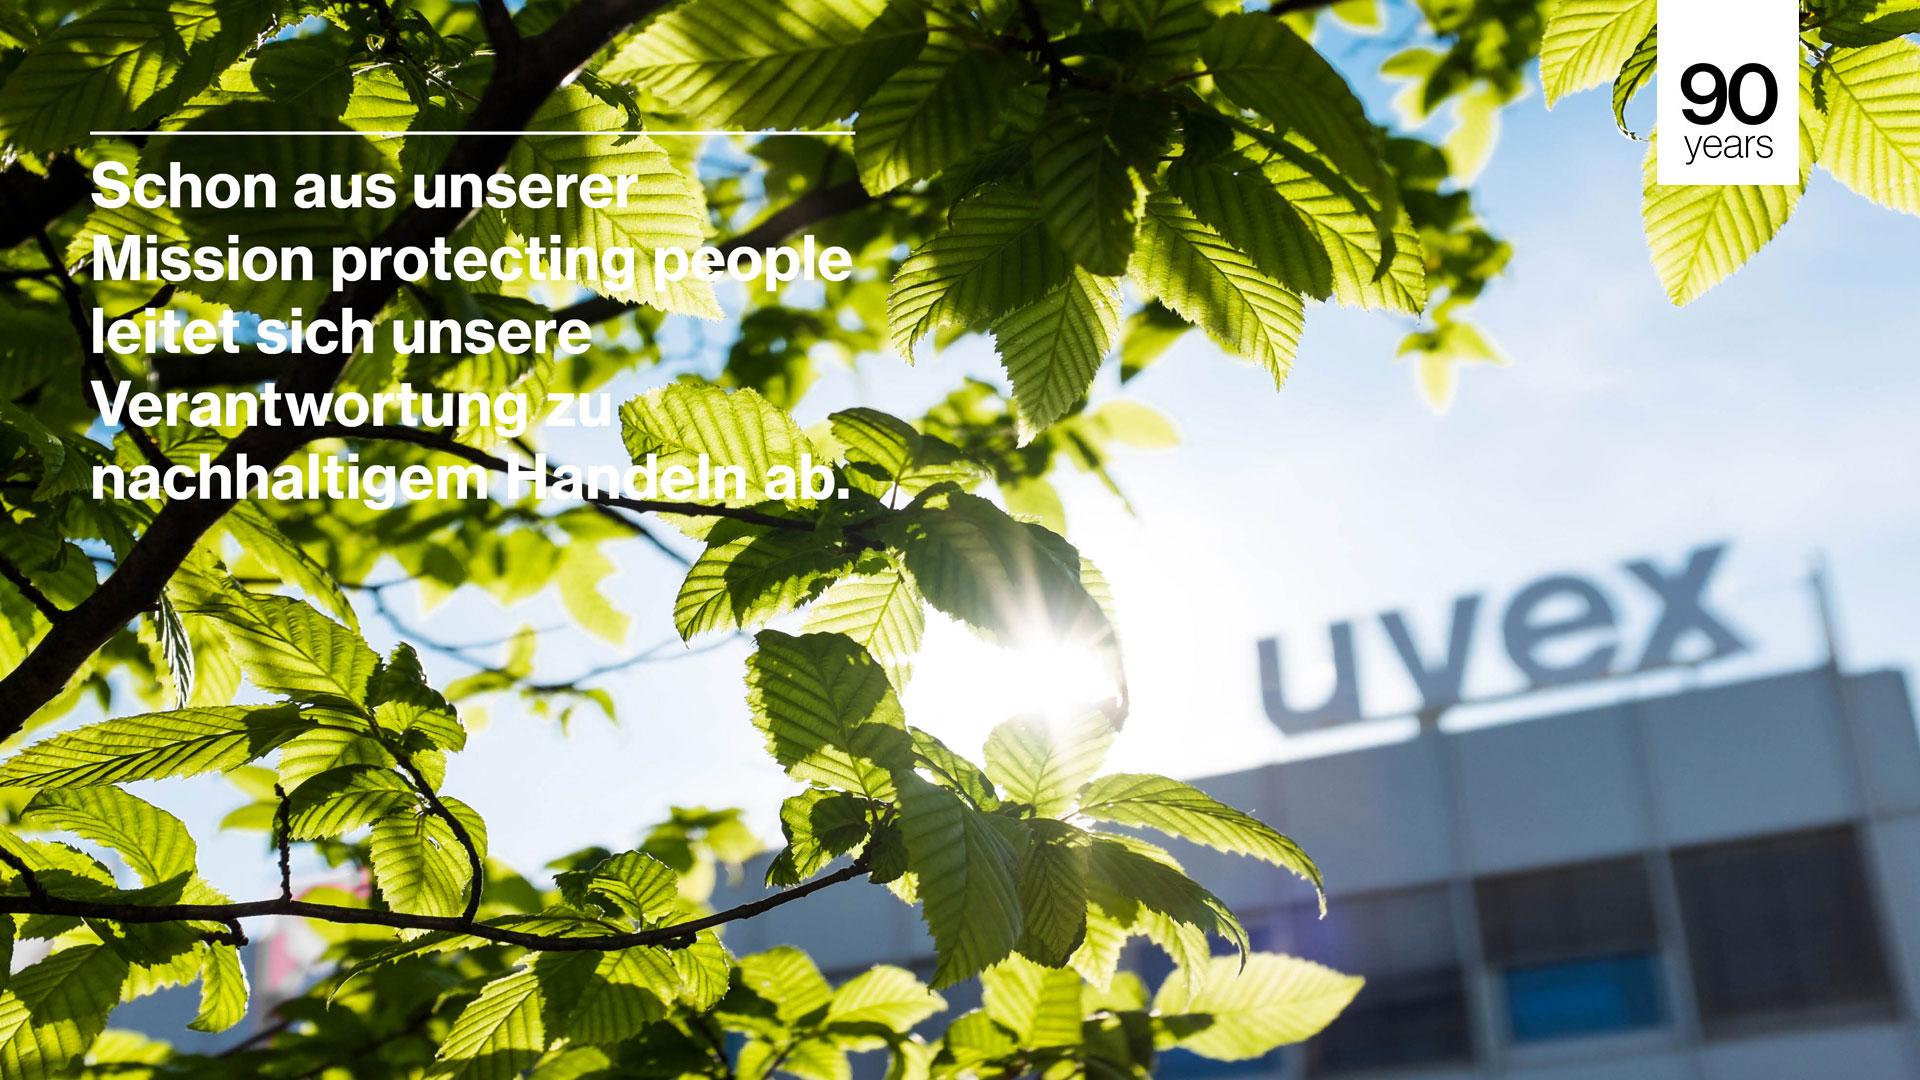 Nachhaltigkeit der uvex group